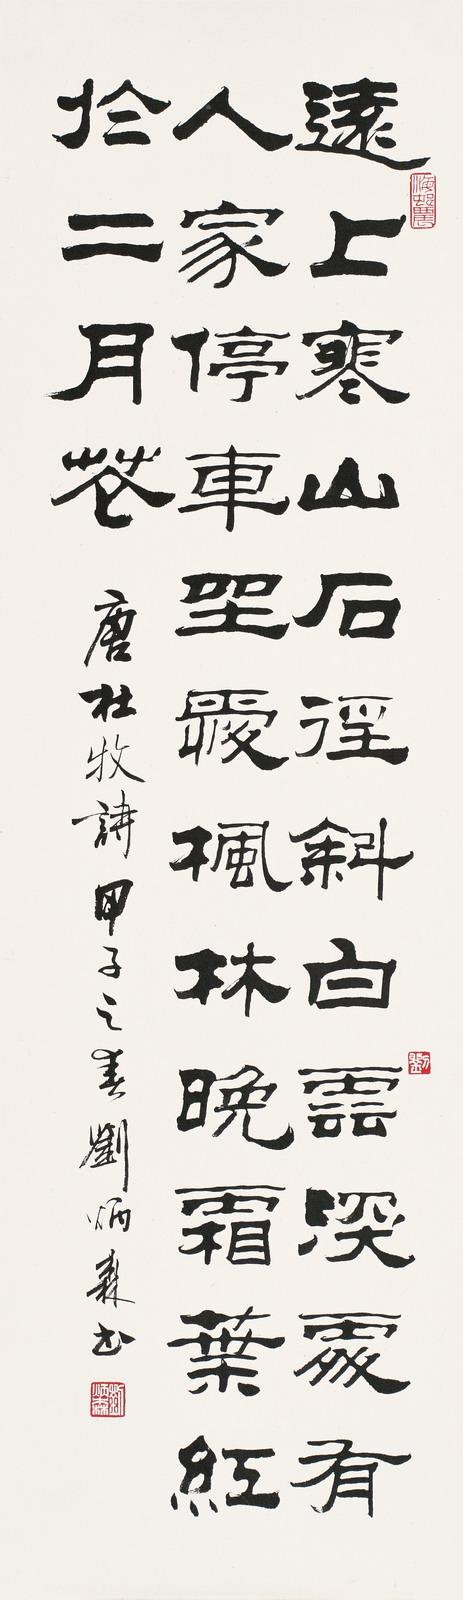 隶书杜牧诗意-中国书画(二)-北京荣宝四季拍卖会(第61